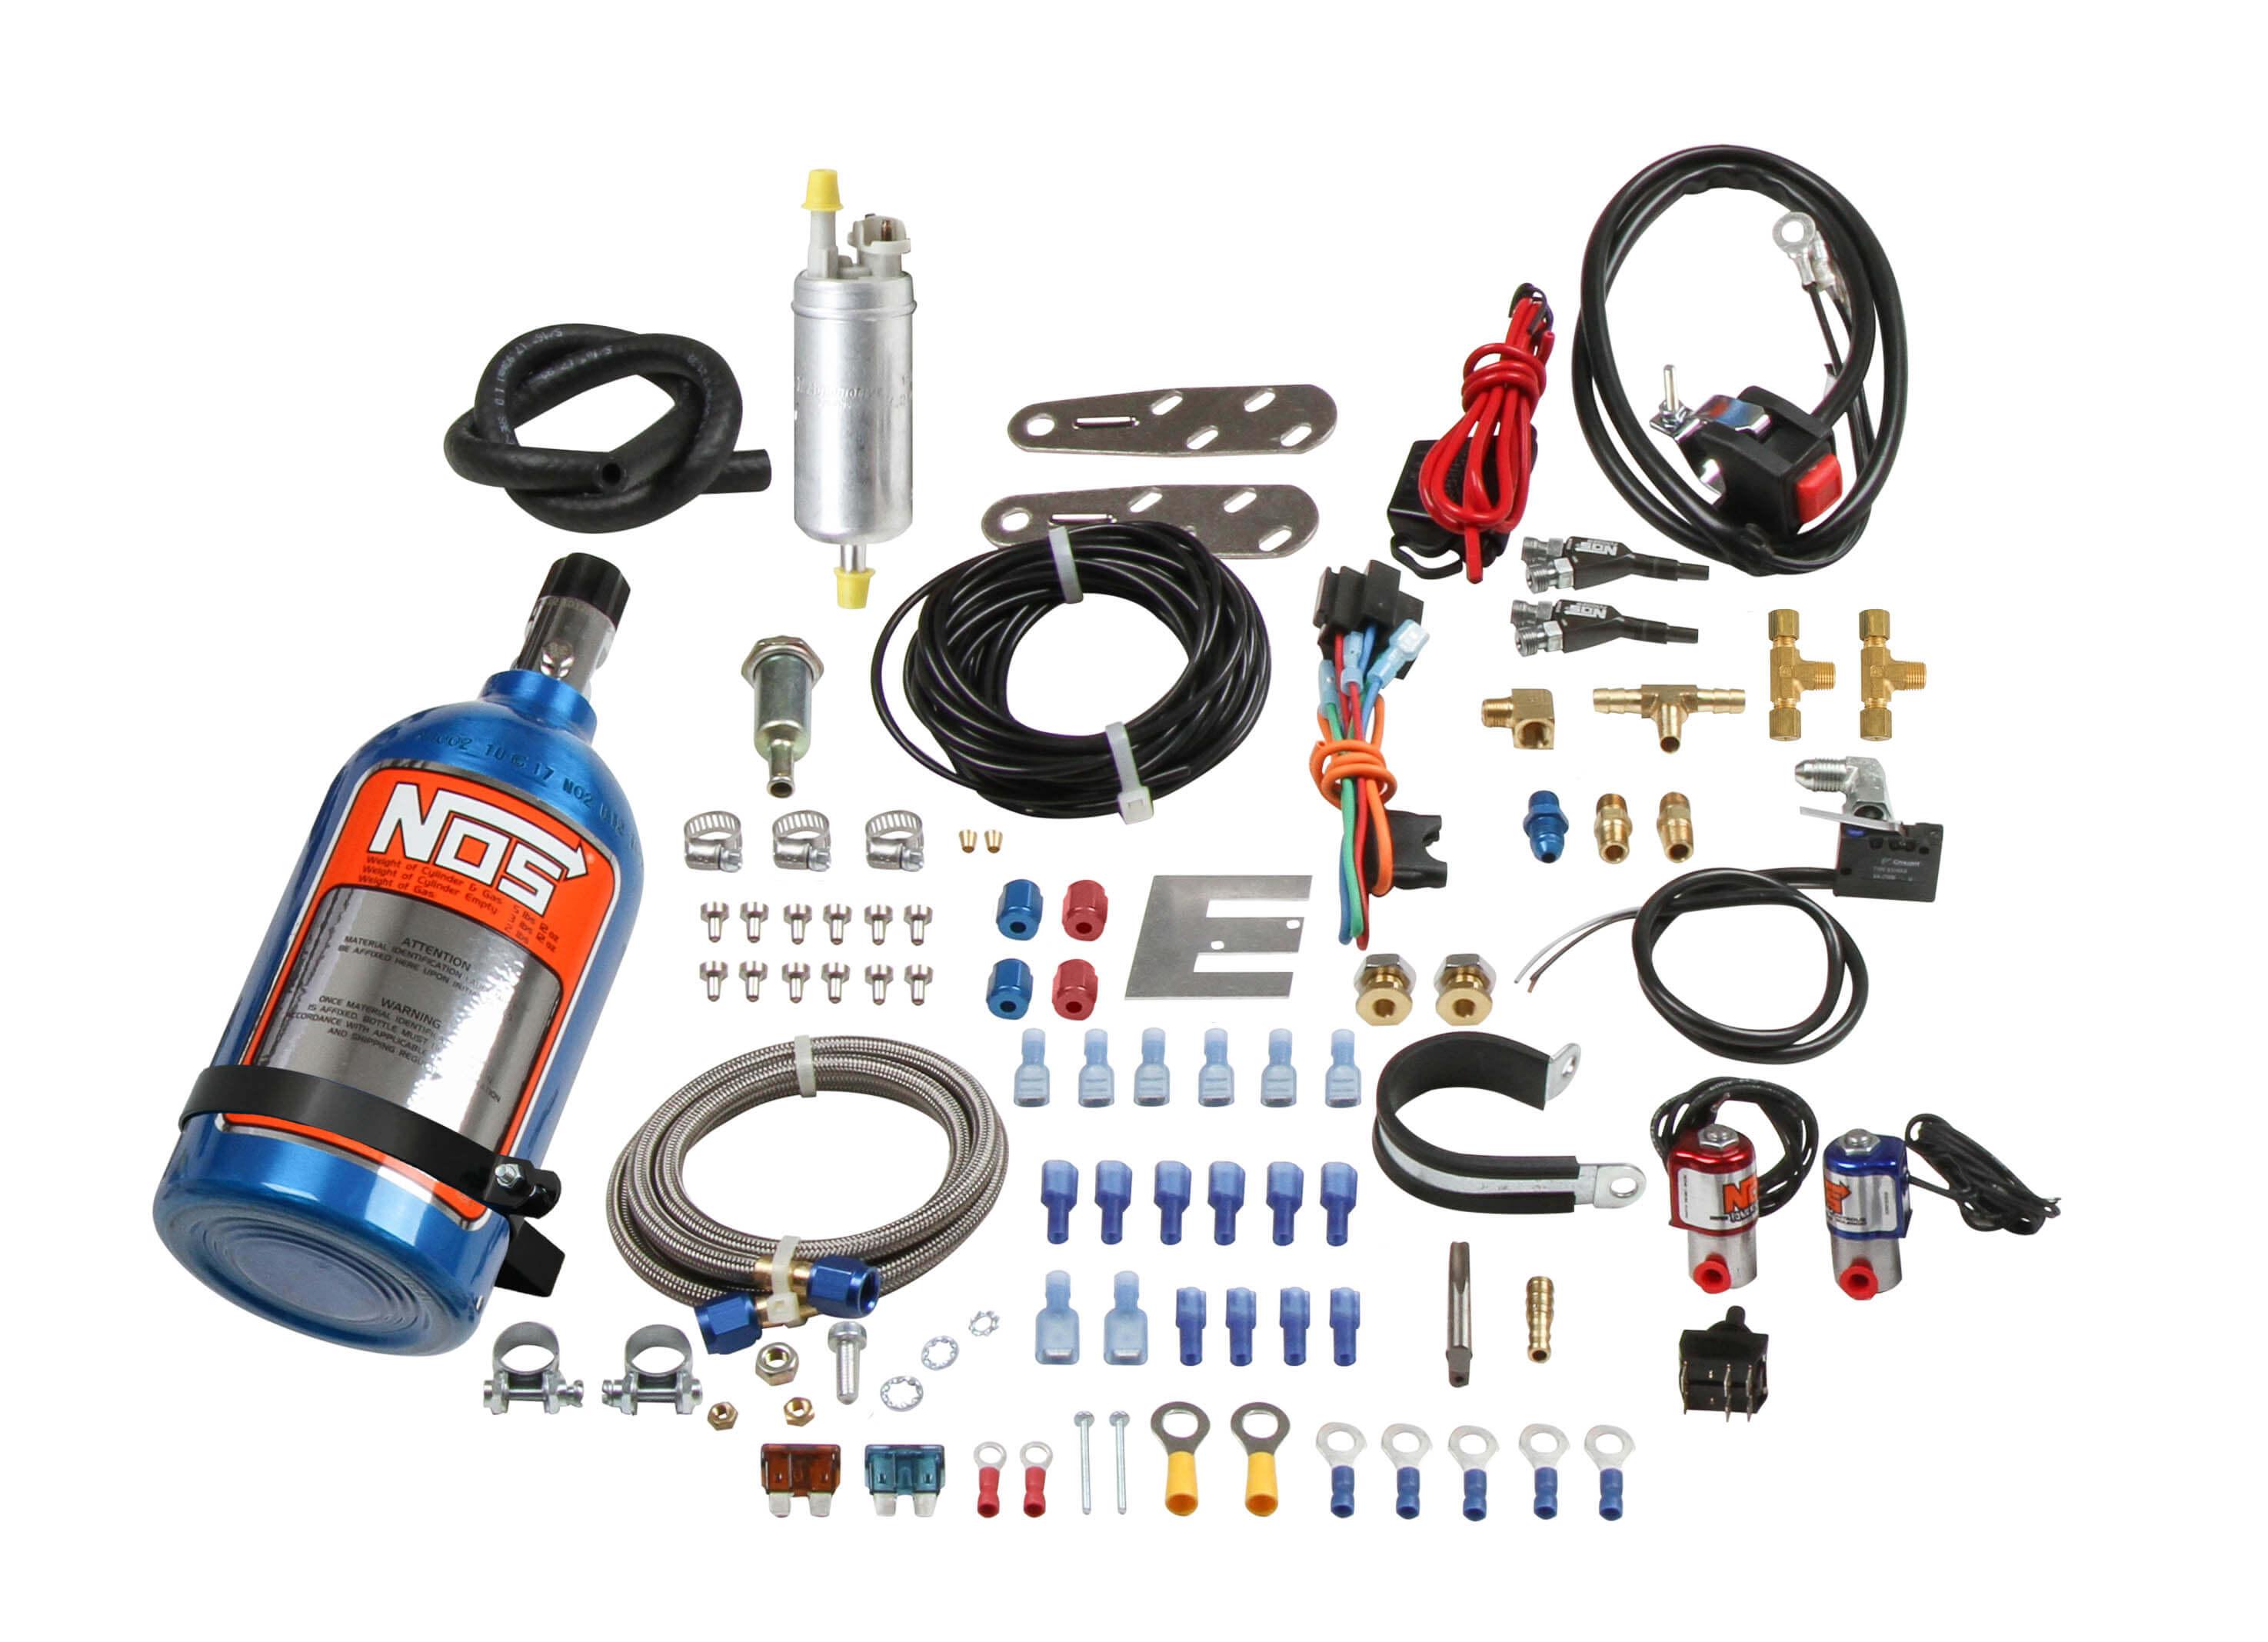 NOS V-Twin 4-Stroke Fogger Wet Nitrous System on